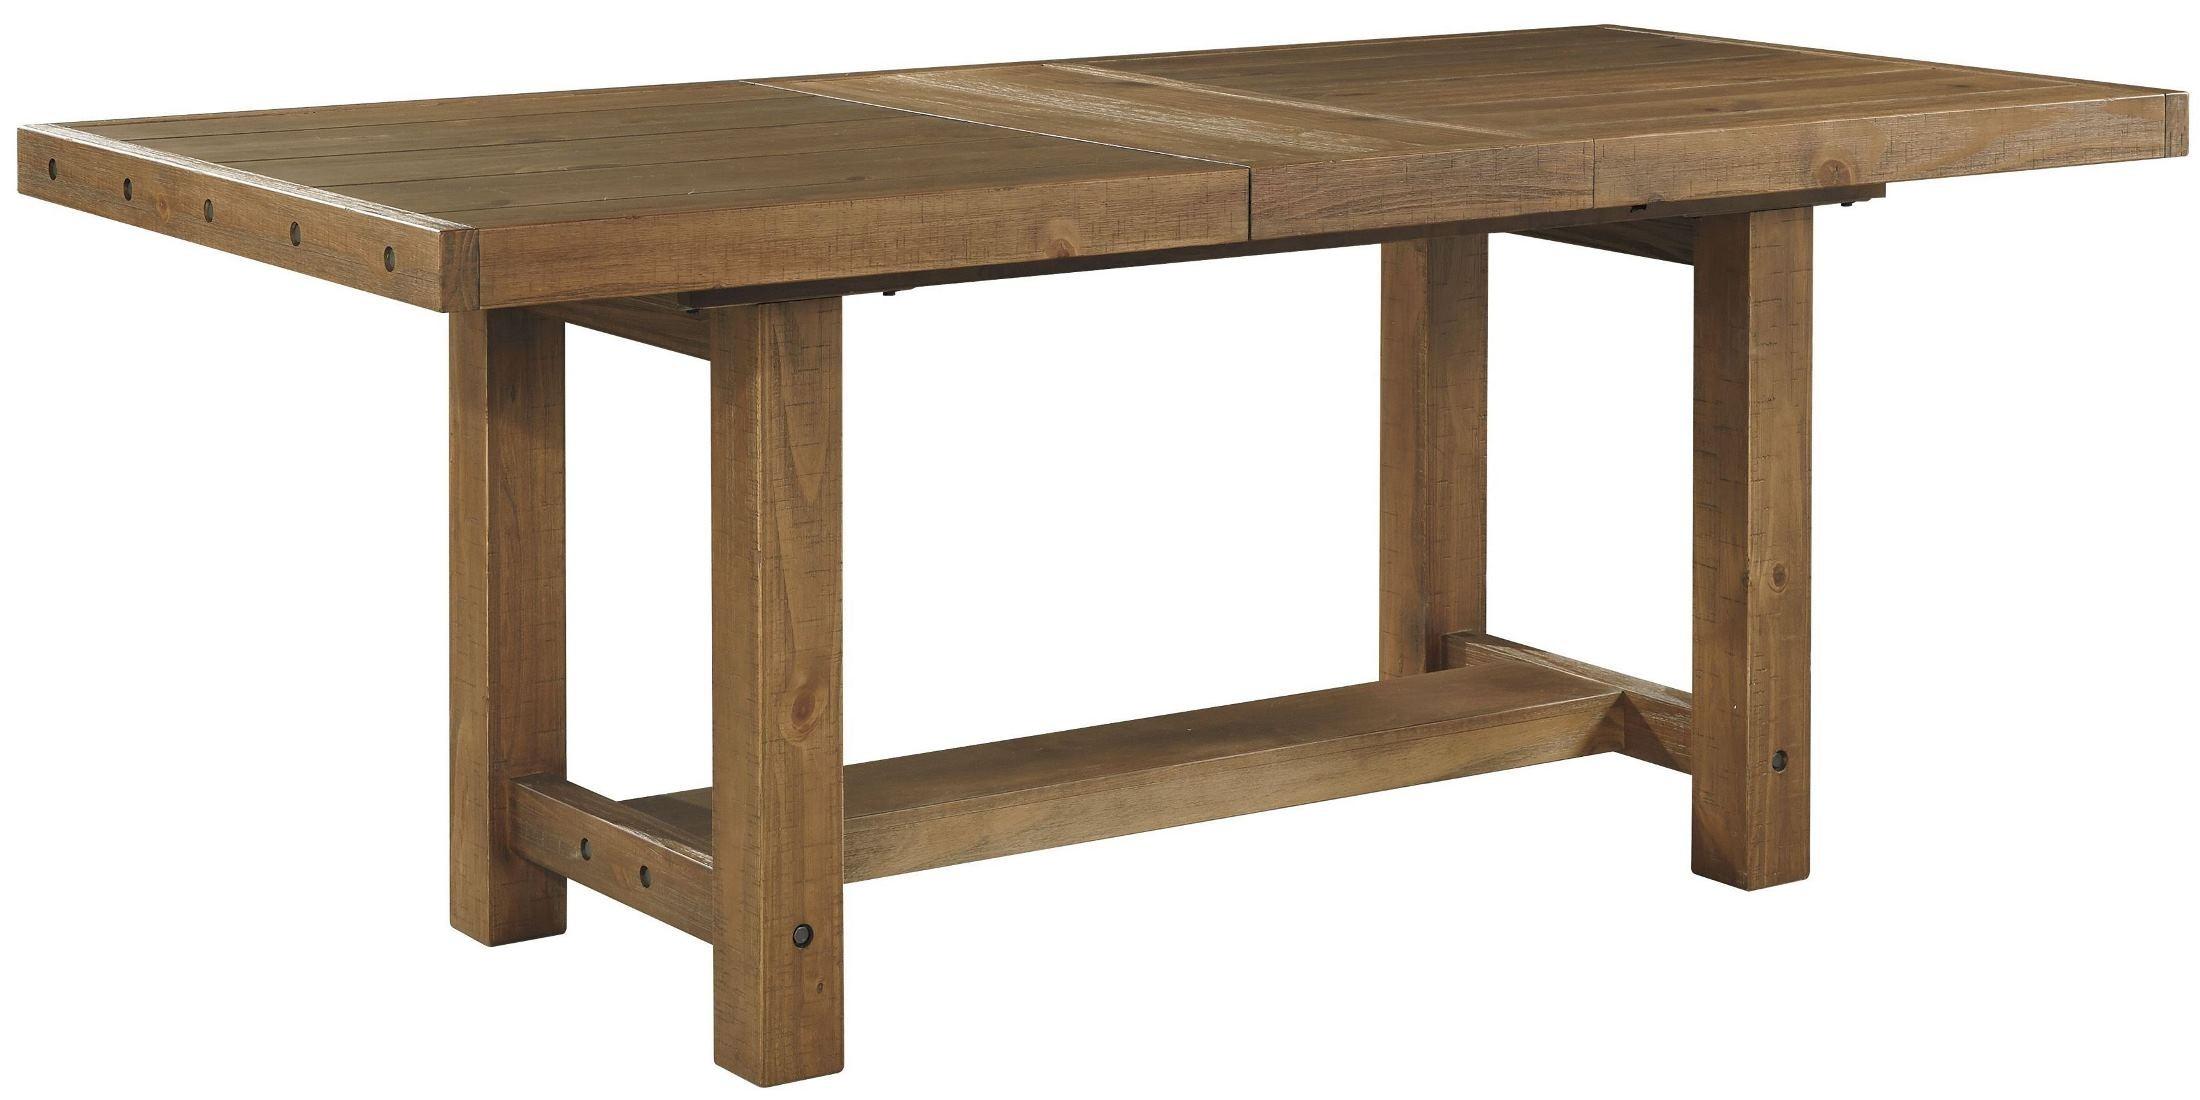 Counter Height Rectangular Dining Set : ... Rectangular Extendable Counter Height Dining Room Set, D714-32, Ashley